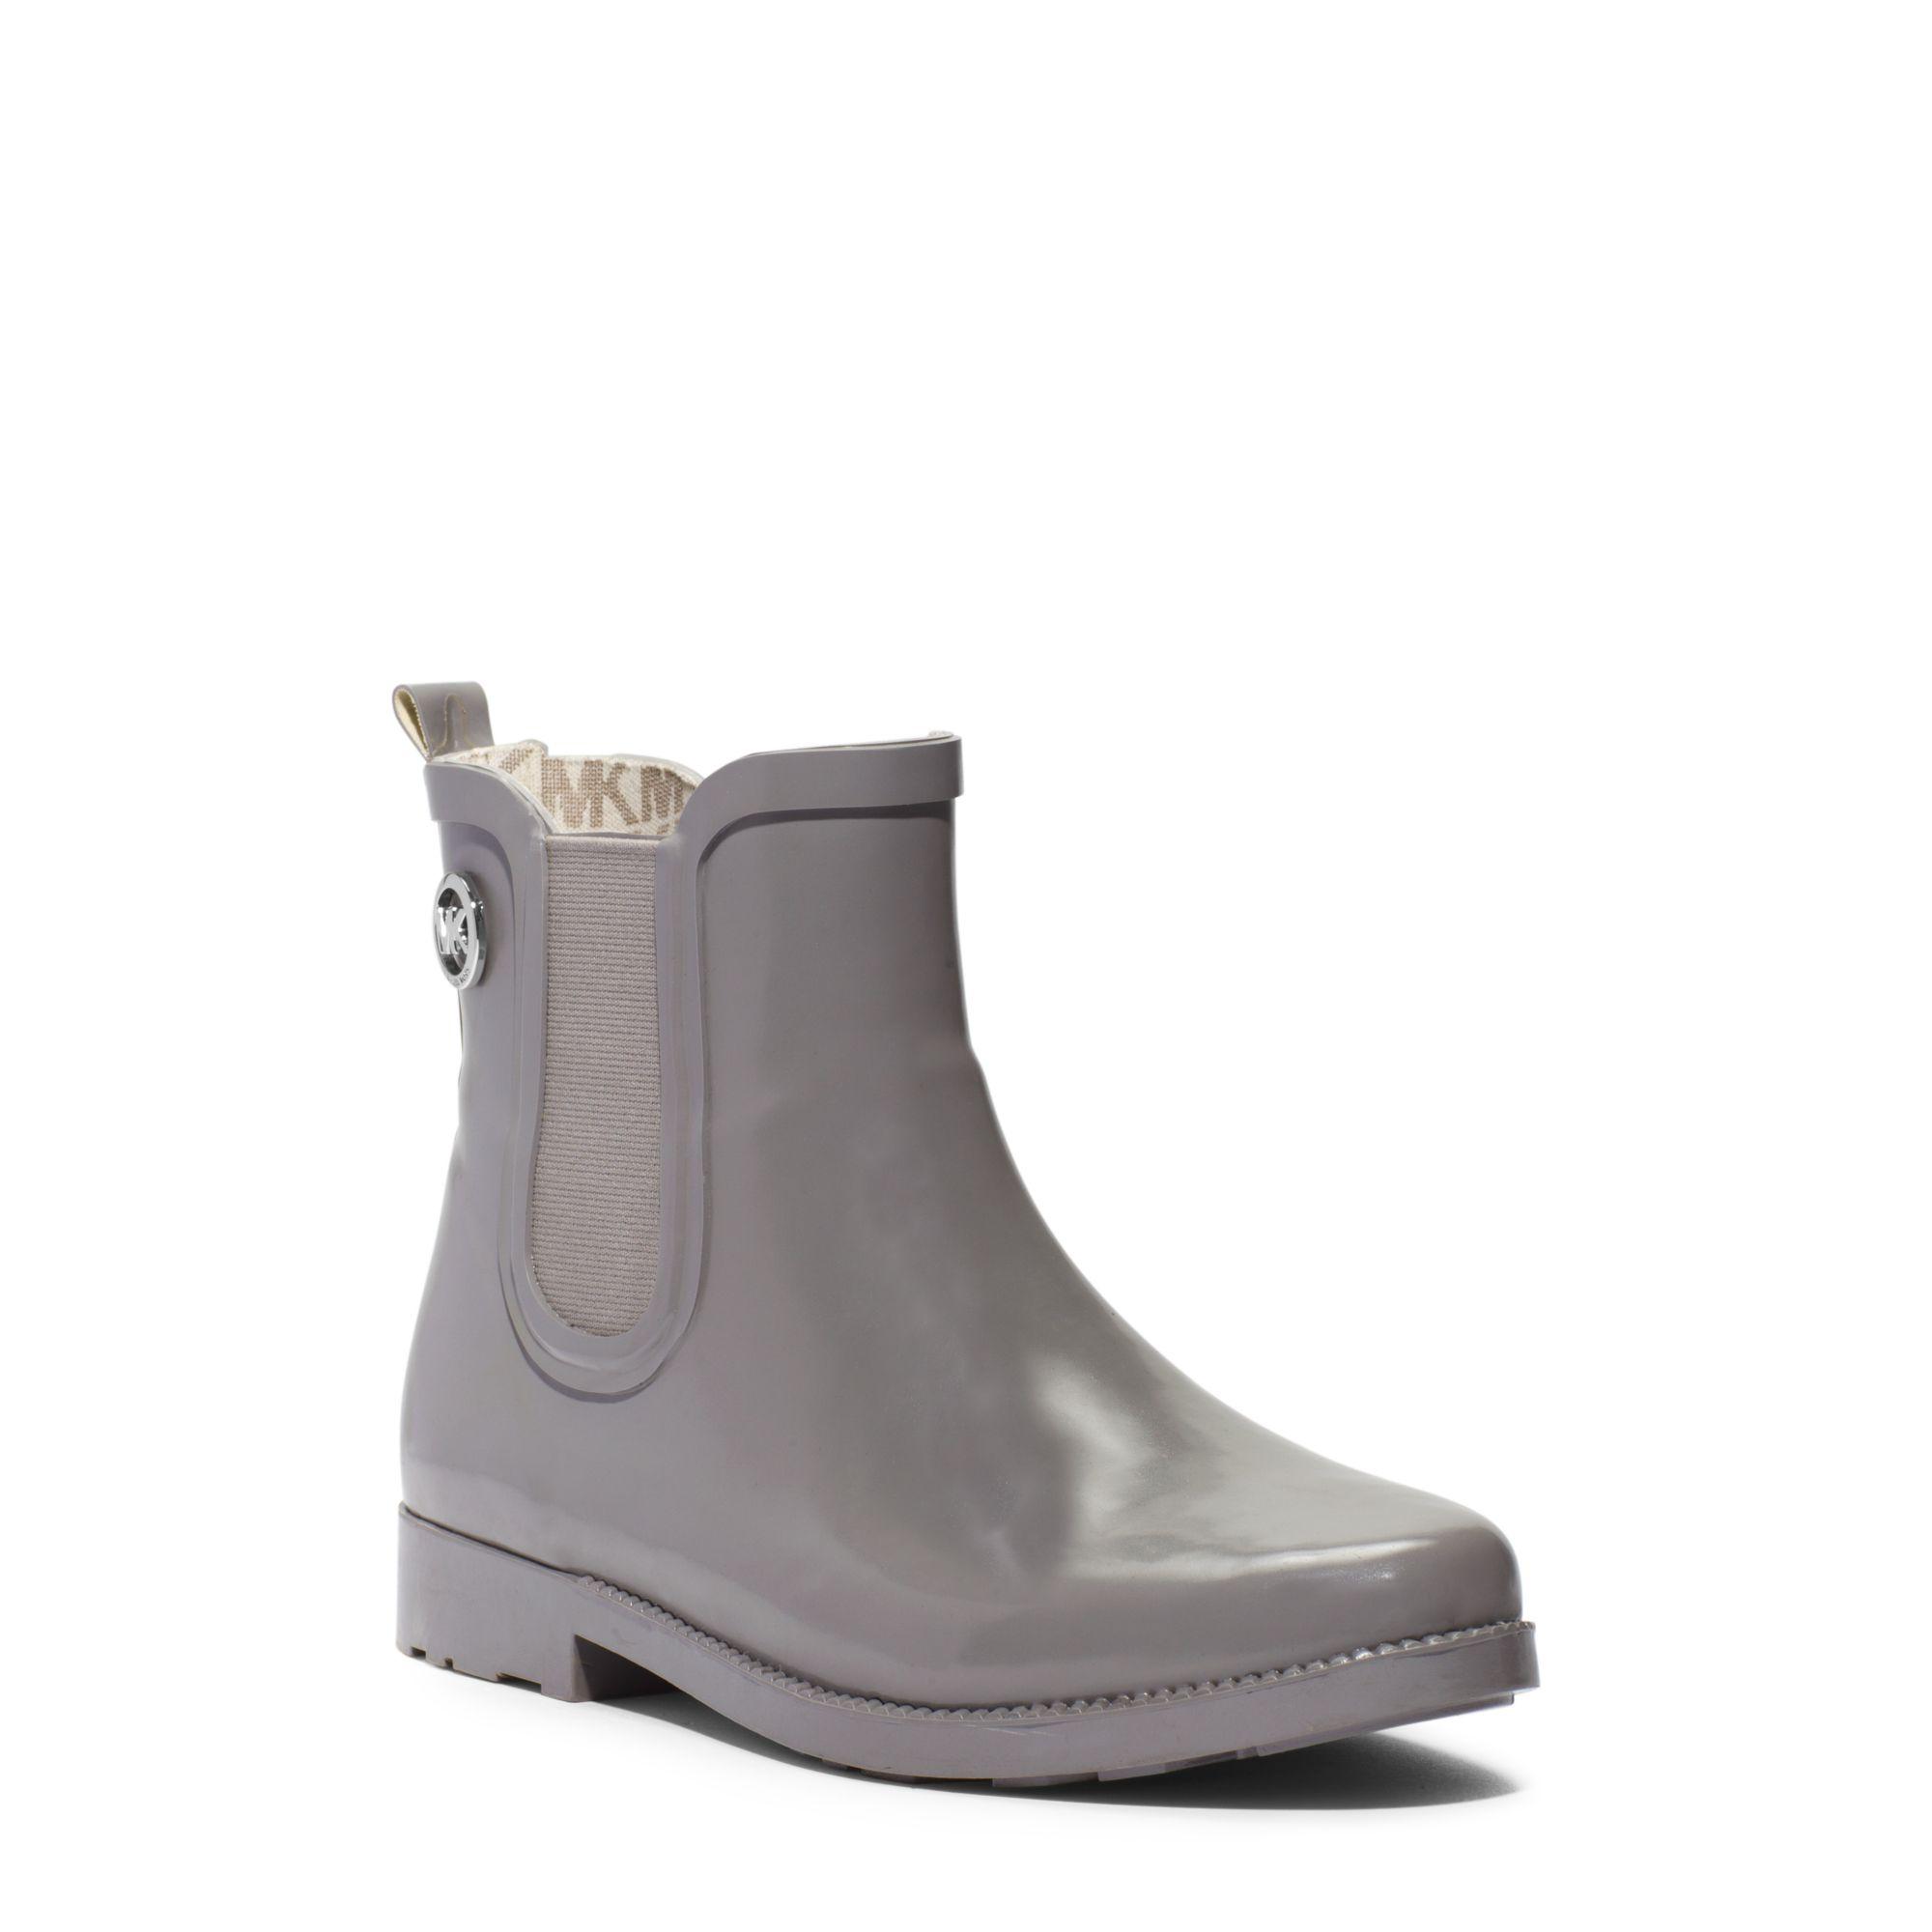 cb9cf30ea96720 Lyst - Michael Kors Short Rubber Rain Boot in Gray for Men